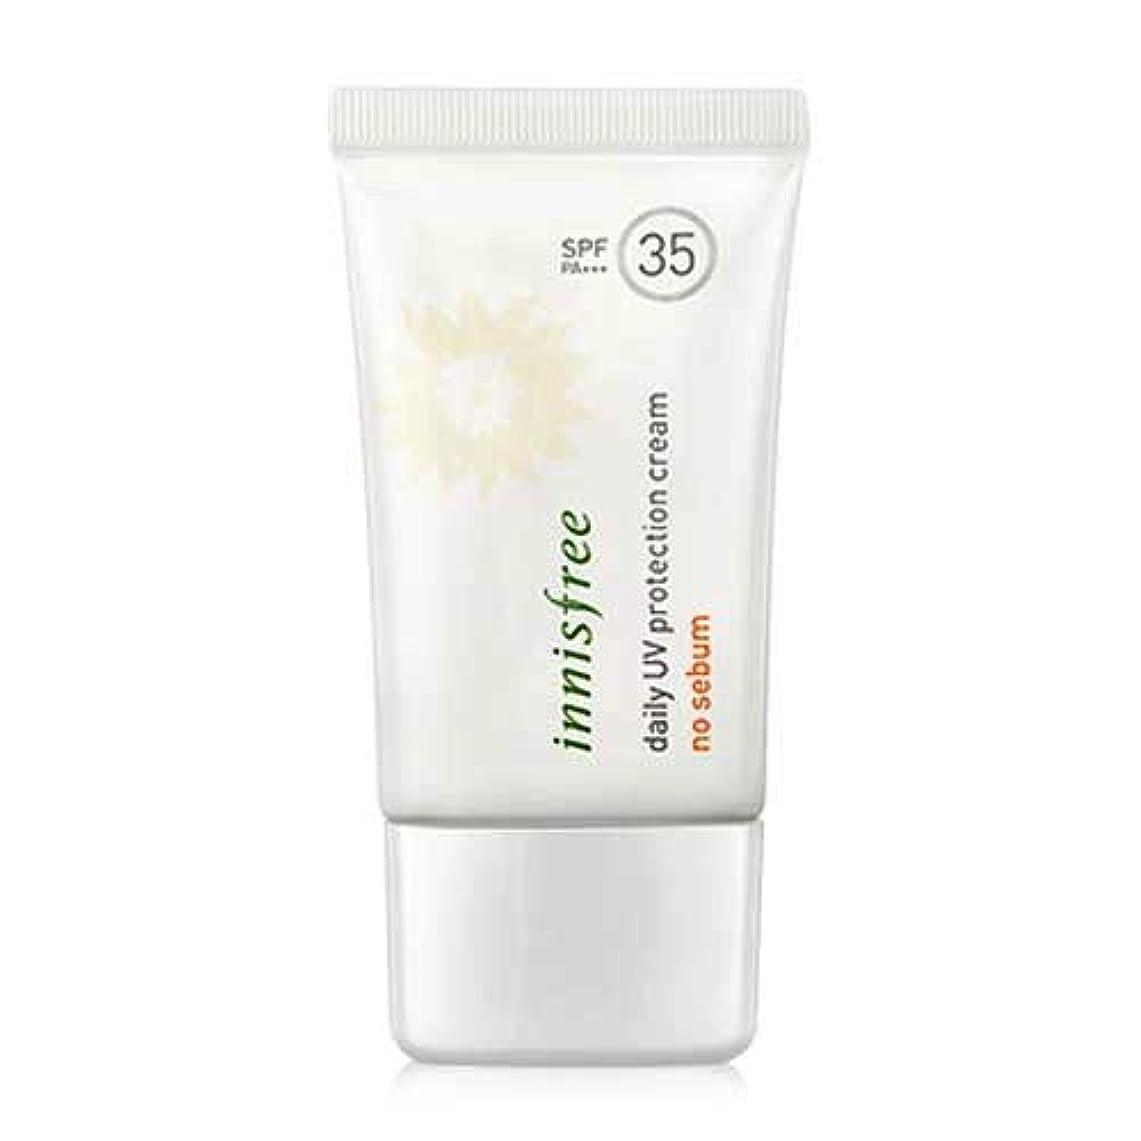 抽選車両支払い(3 Pack) INNISFREE Daily UV Protection Cream No Sebum SPF35 PA+++ (並行輸入品)